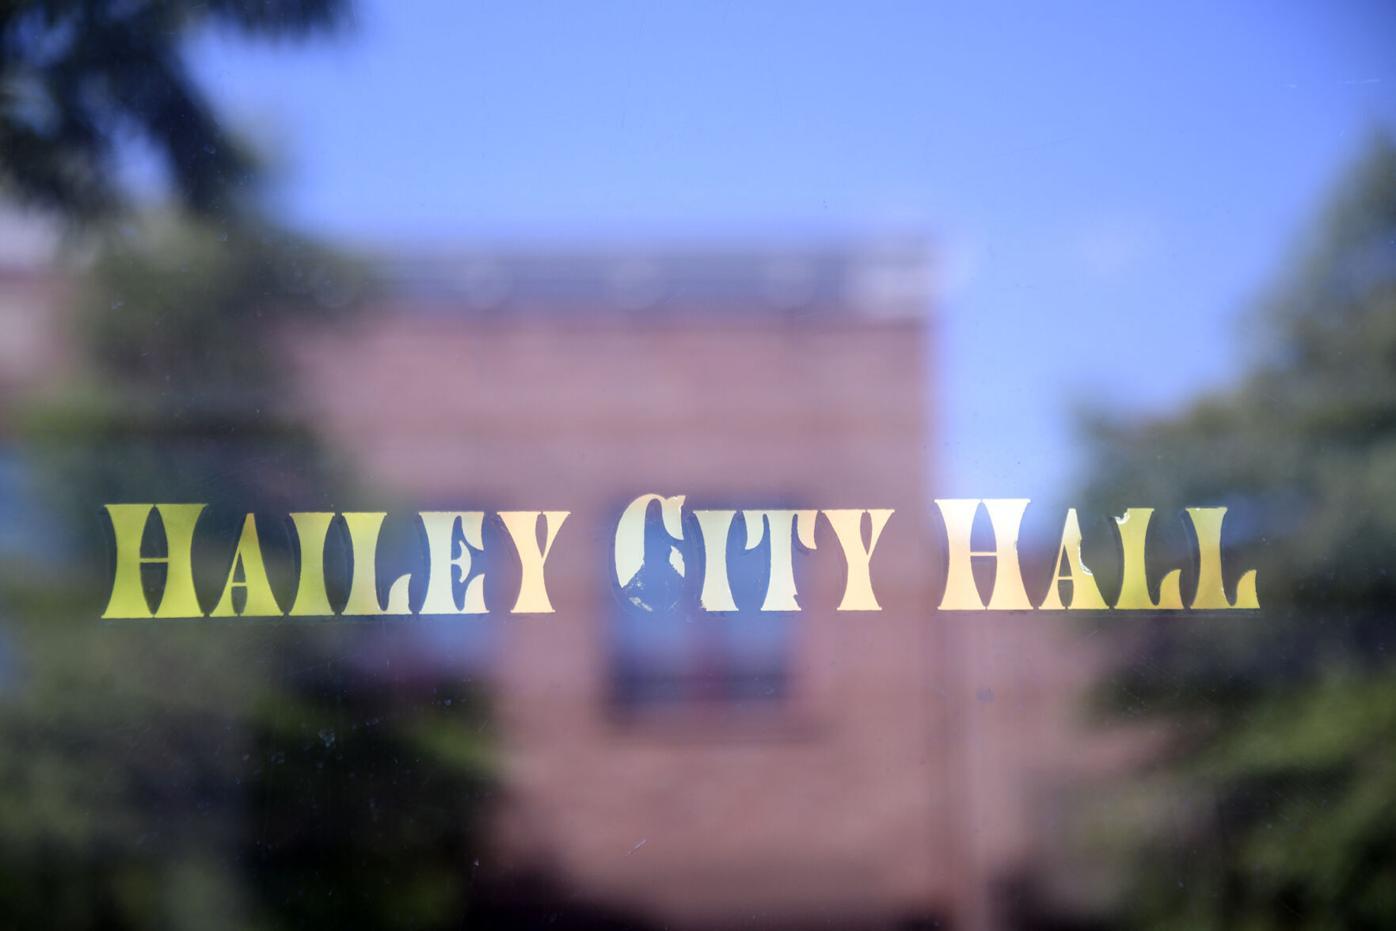 Hailey City Hall